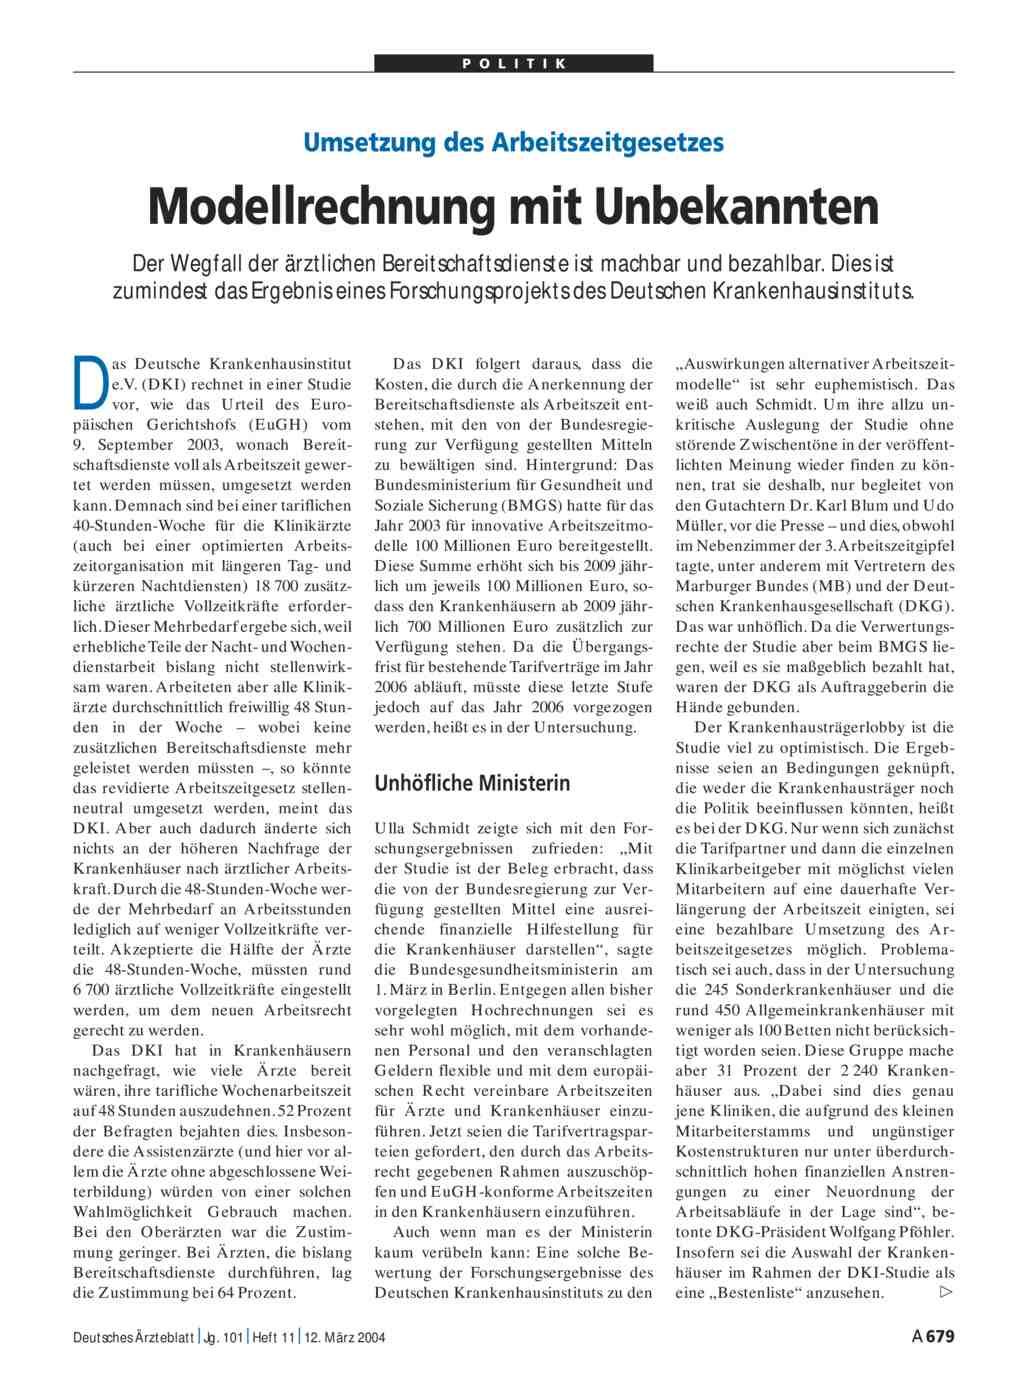 Umsetzung Des Arbeitszeitgesetzes Modellrechnung Mit Unbekannten